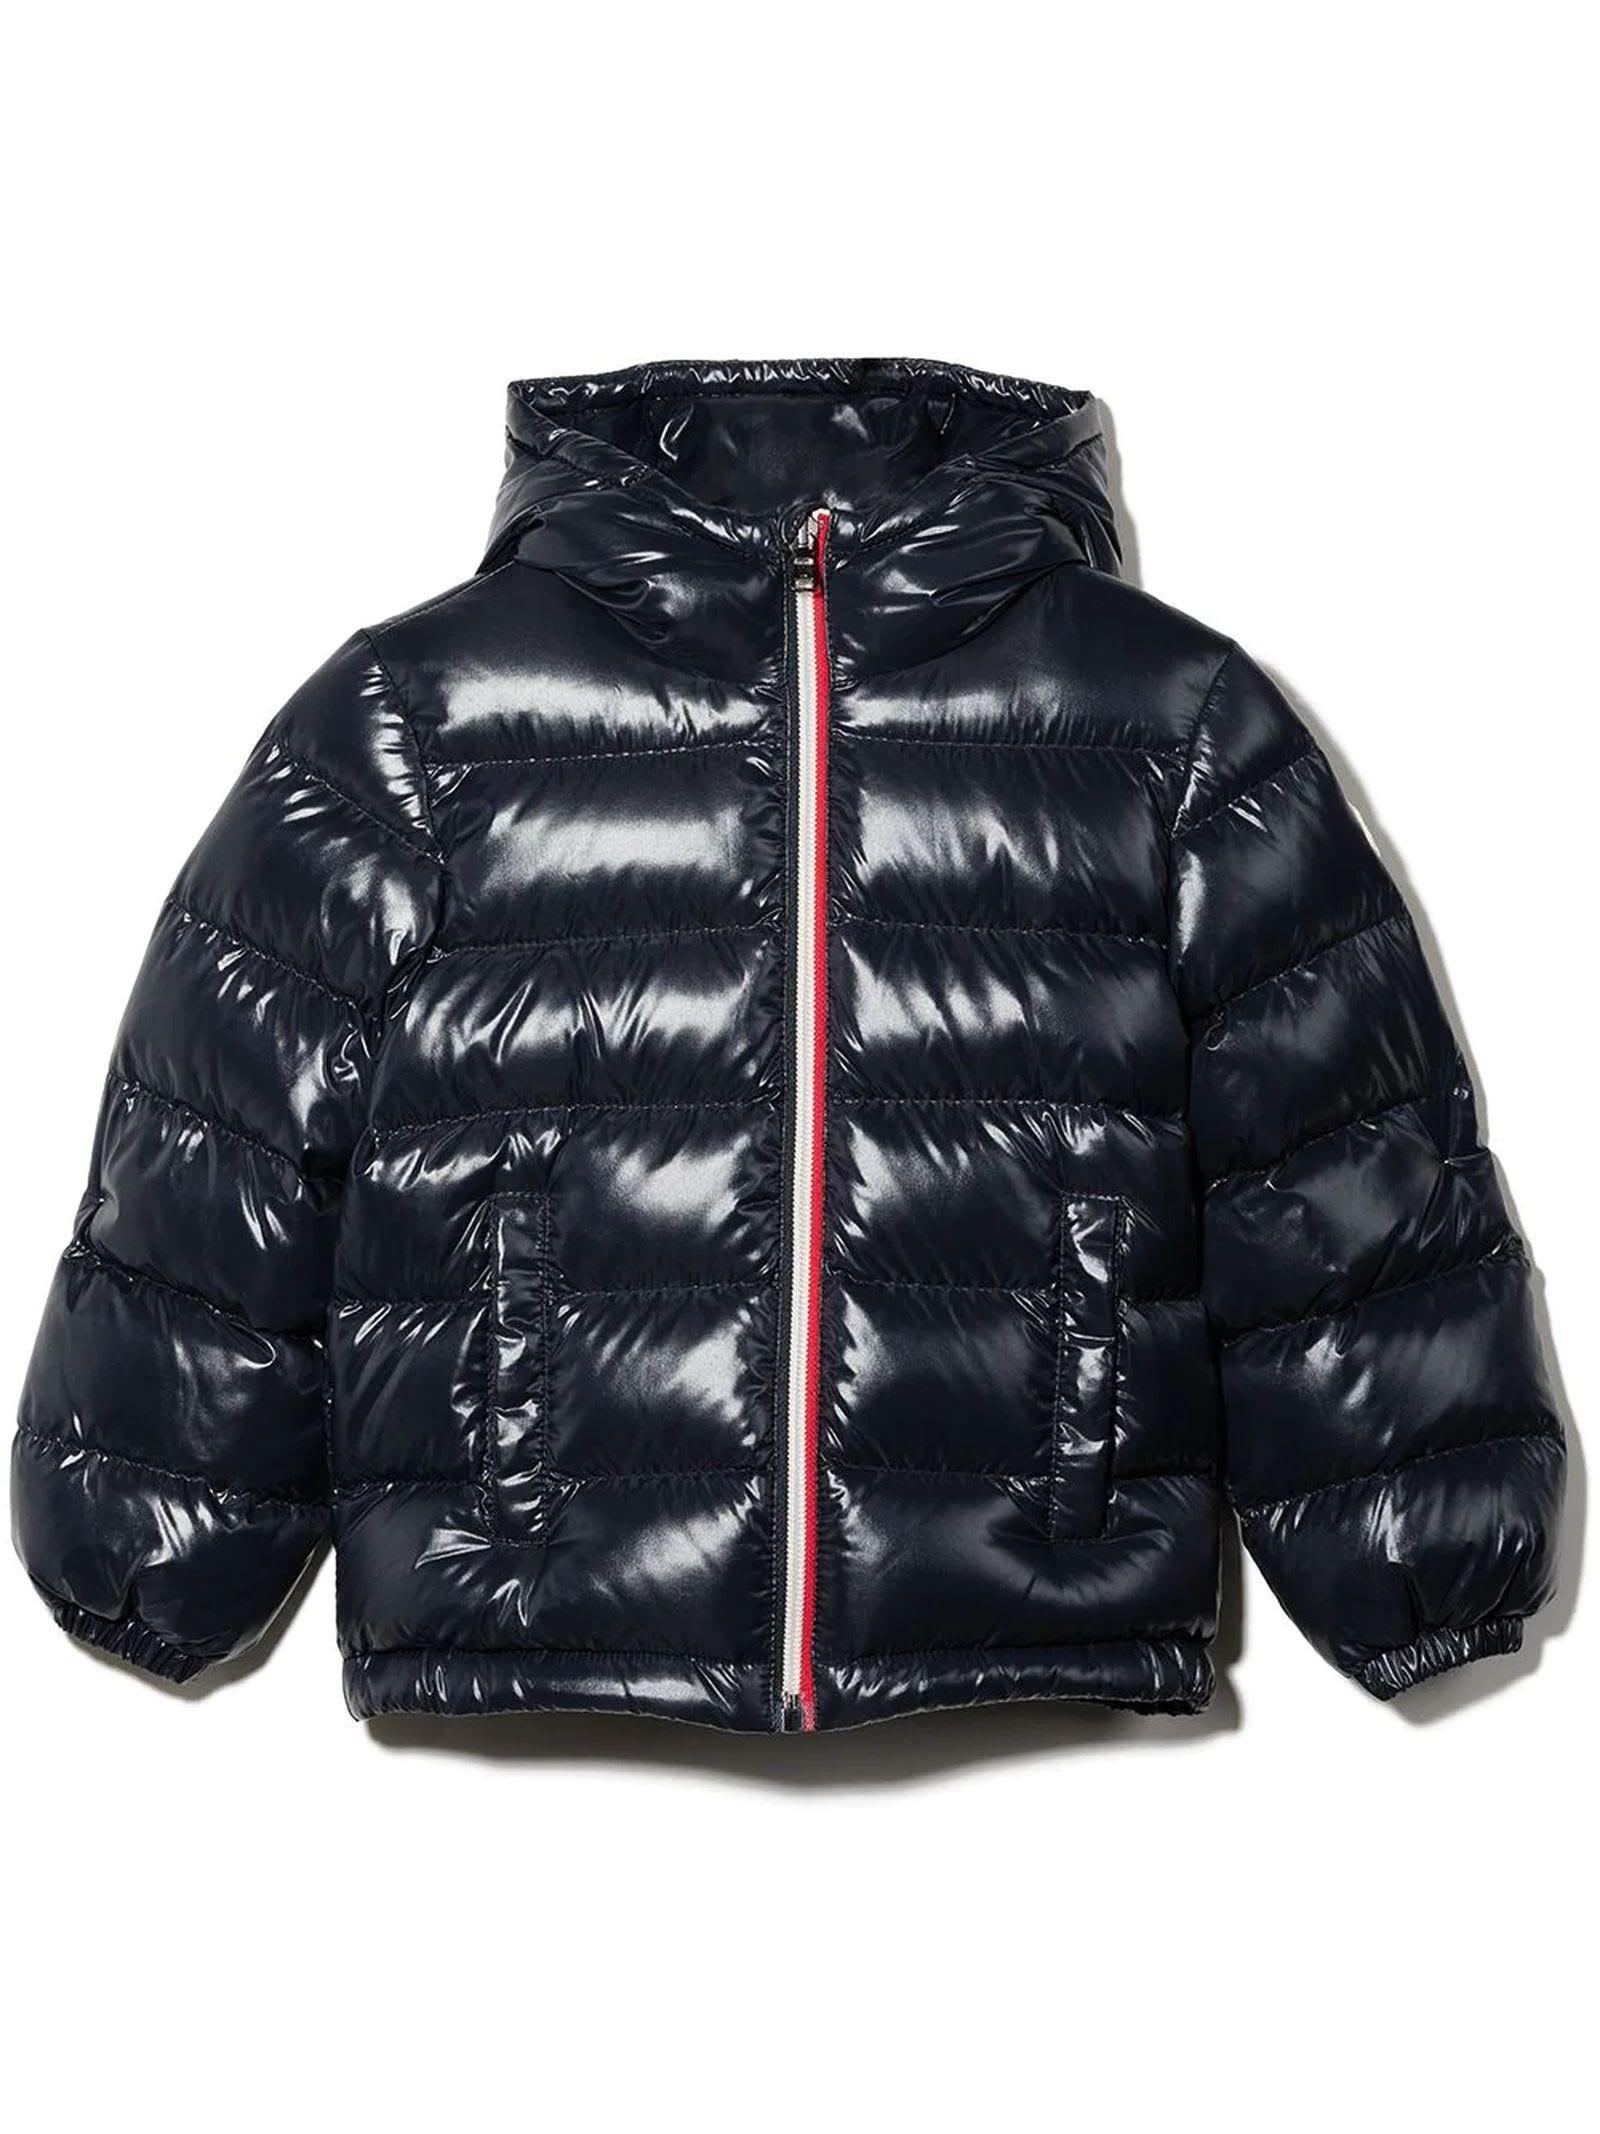 Moncler Navy Blue New Aubert Jacket